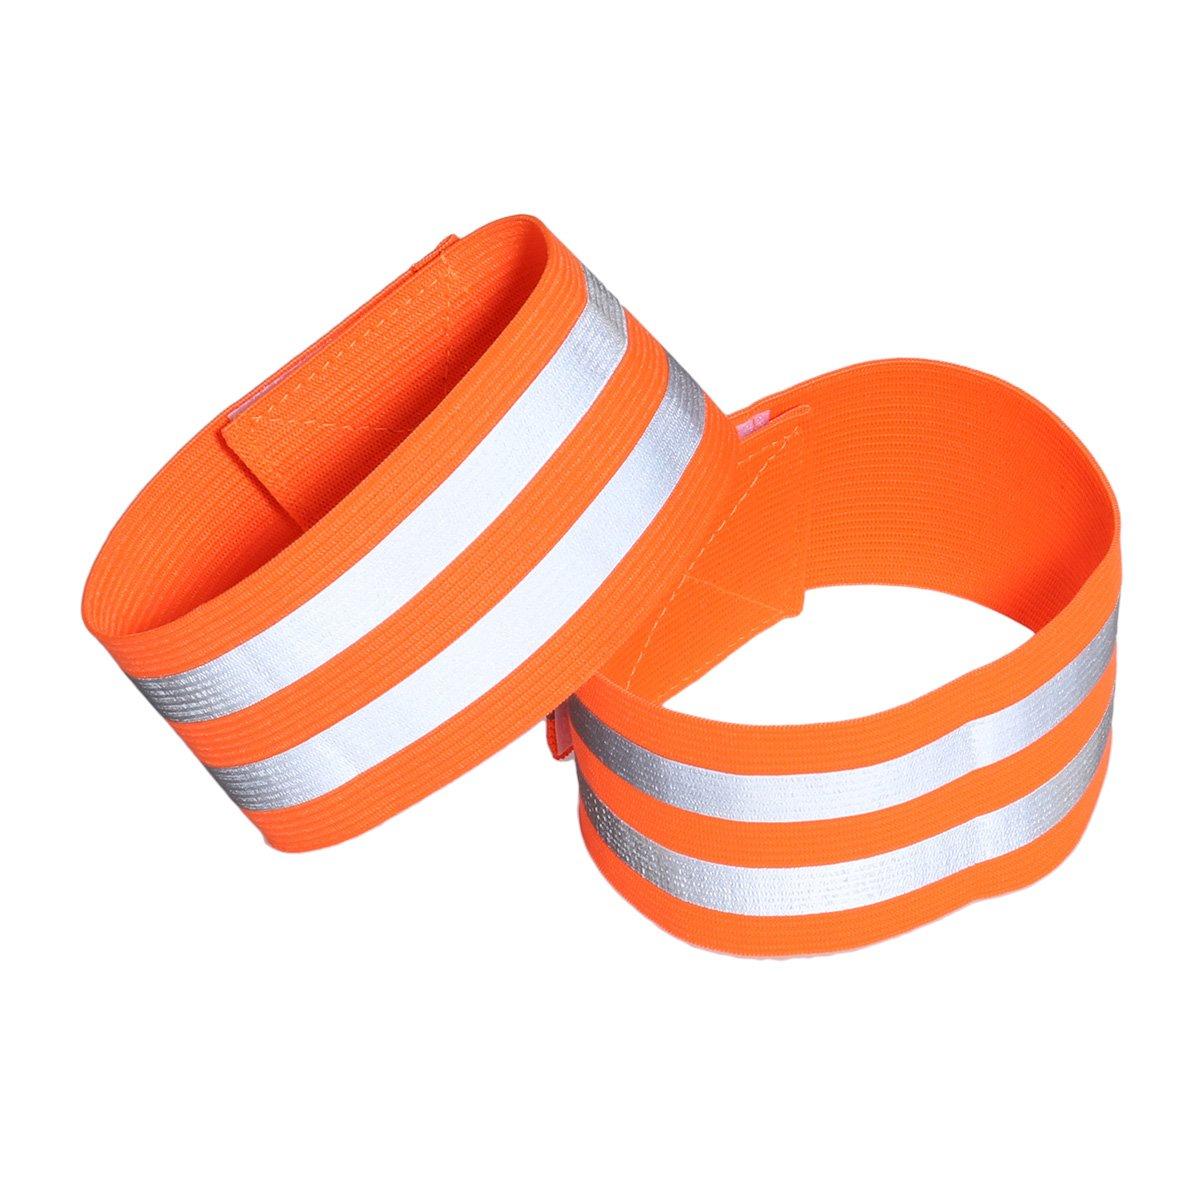 LIOOBO 1 para Reflektierende Bänder für Handgelenk Arm Knöchelbein Reflektierende Laufbekleidung für Männer Frauen Nachtlauf Radfahren Wandern Fahrrad